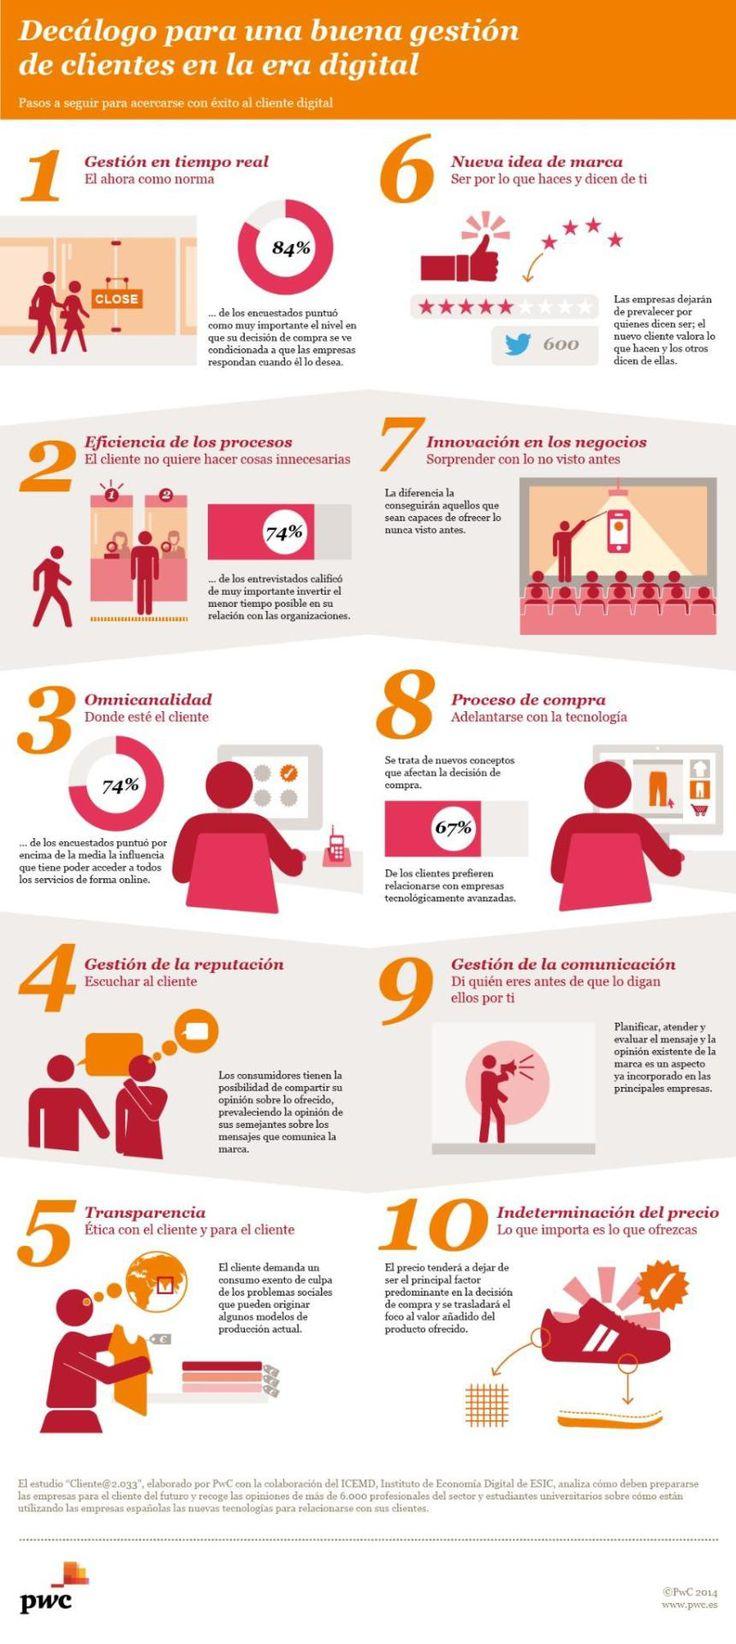 10 consejos para una buena gestión de clientes digitales #infografia #marketing